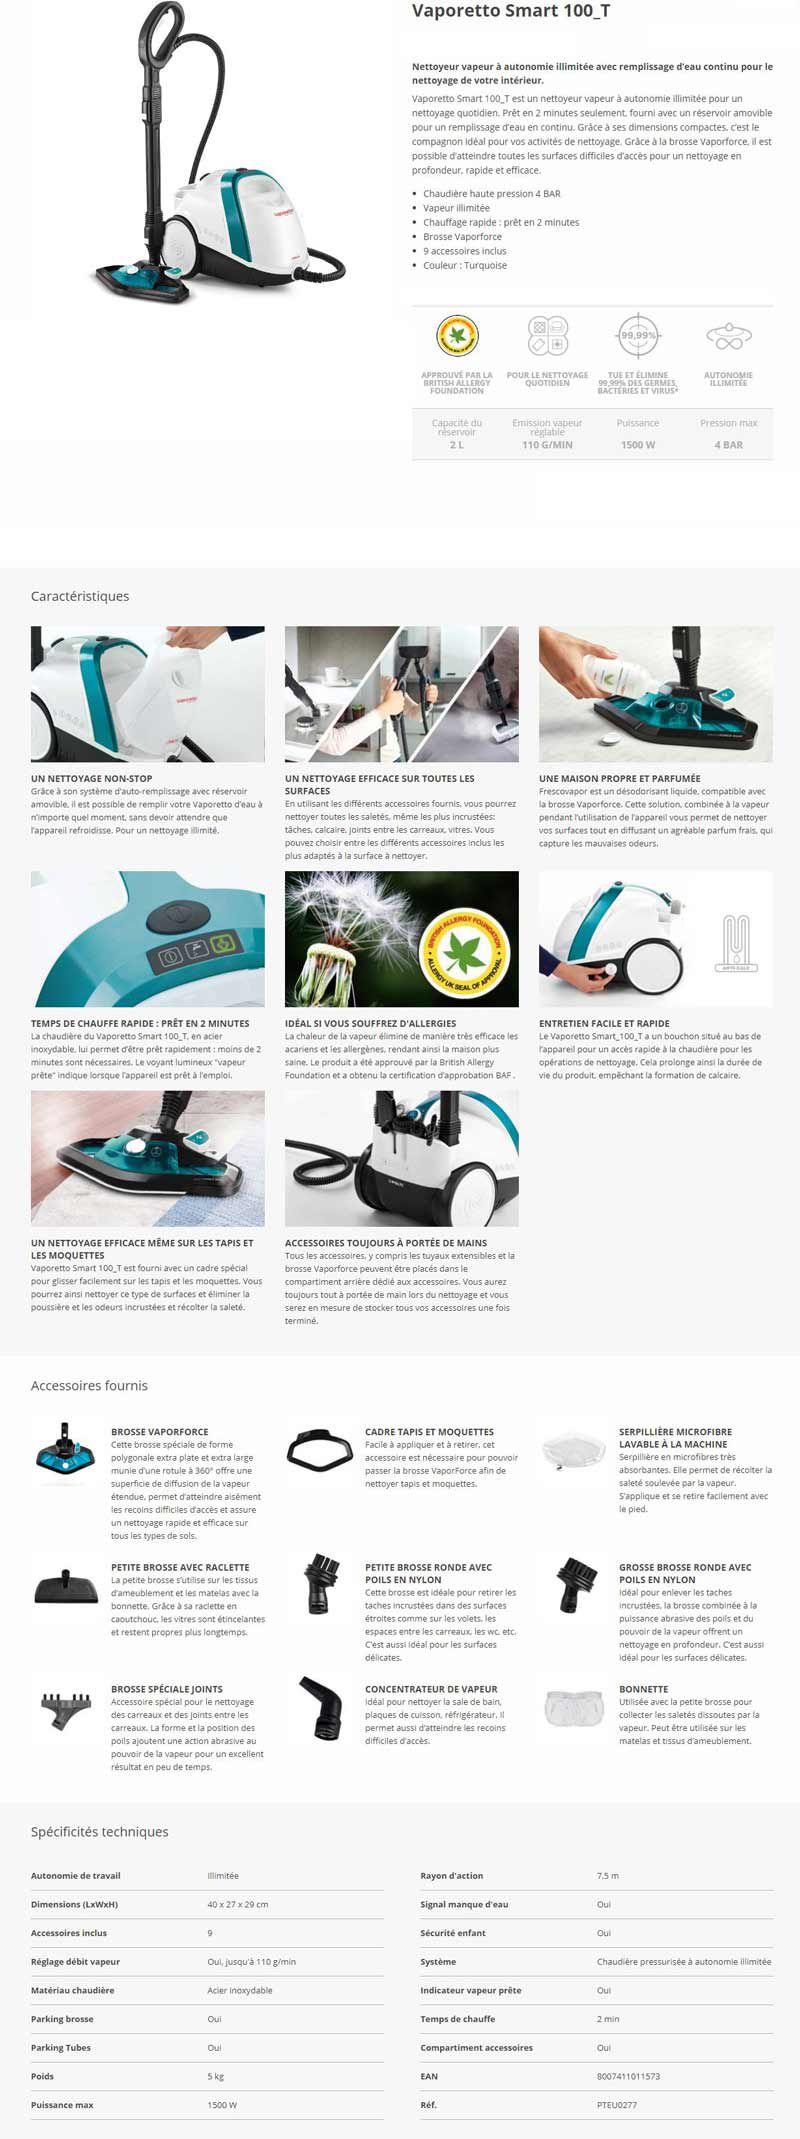 POLTI VAPORETTO - Smart100_T - Nettoyeur vapeur - autonomie illimitée - 4 BAR - 110g/min - 1500W - 9 accessoires - Turquoise